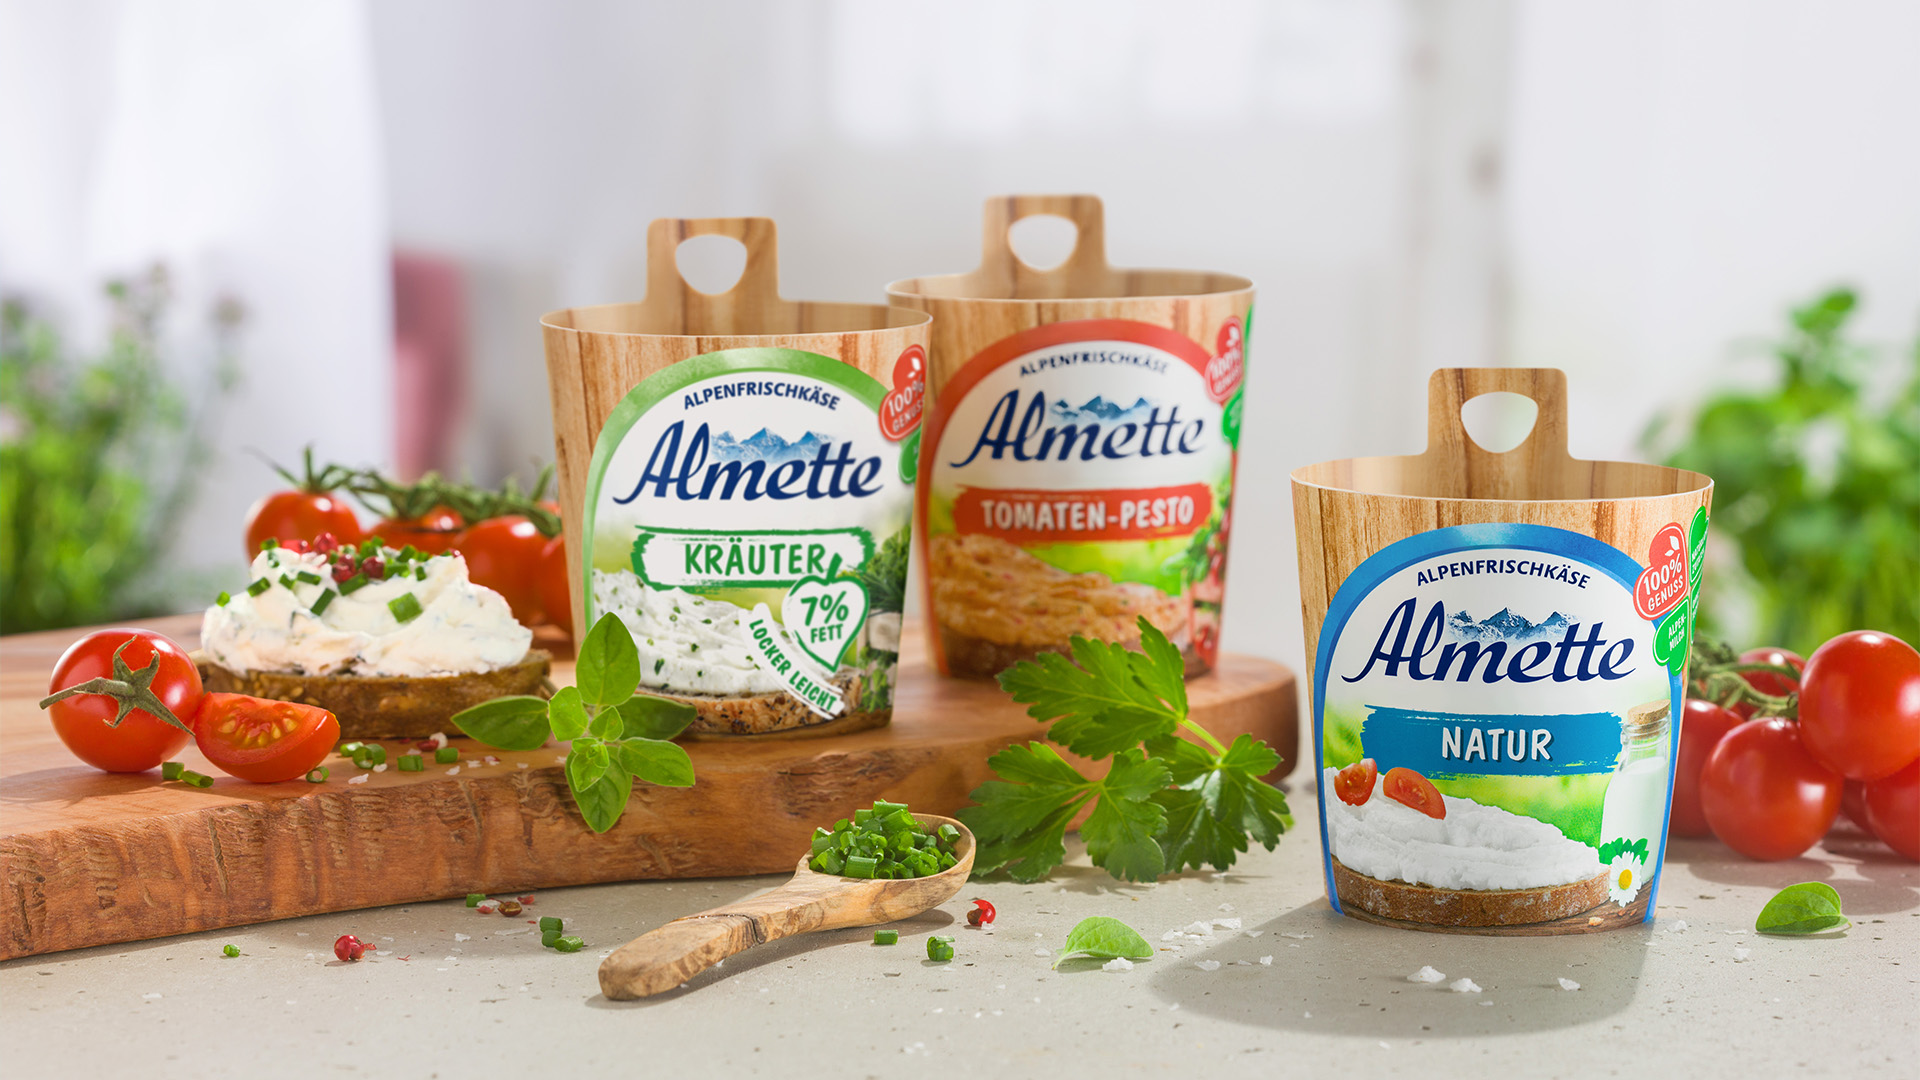 Almette-1